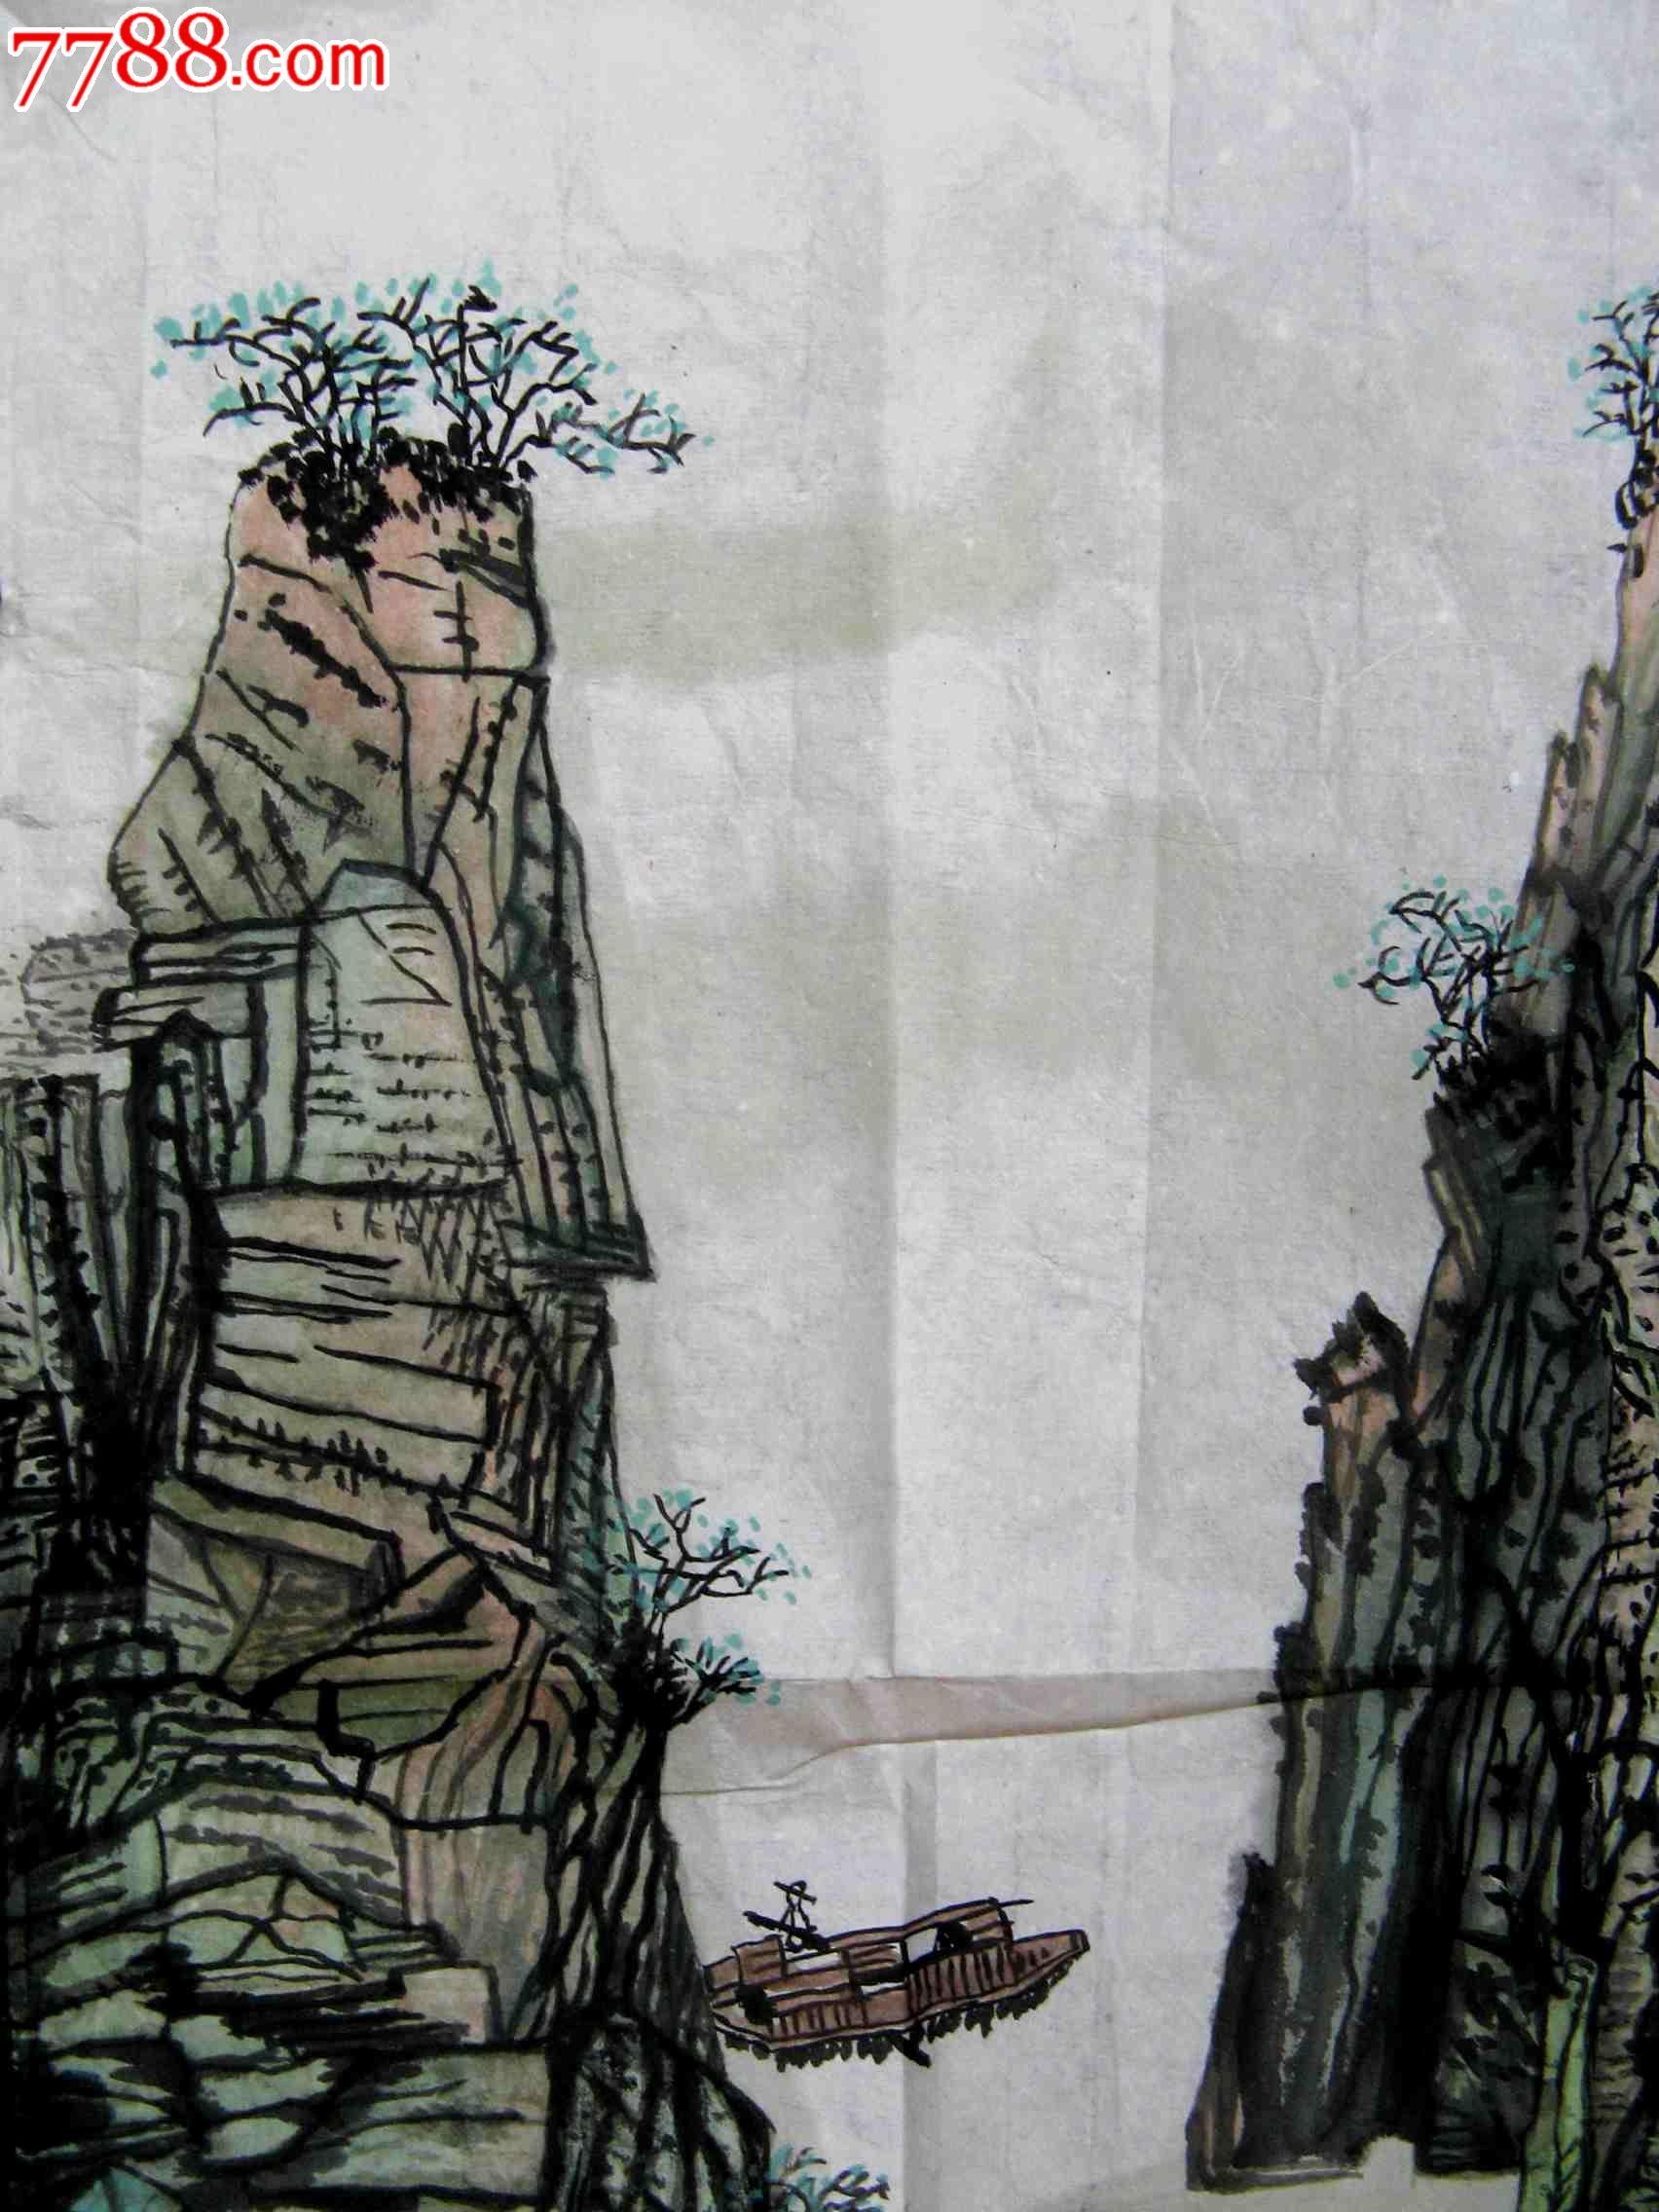 日山水墨画-无款山水画 两岸青山相对出, 孤帆一片日边来 山